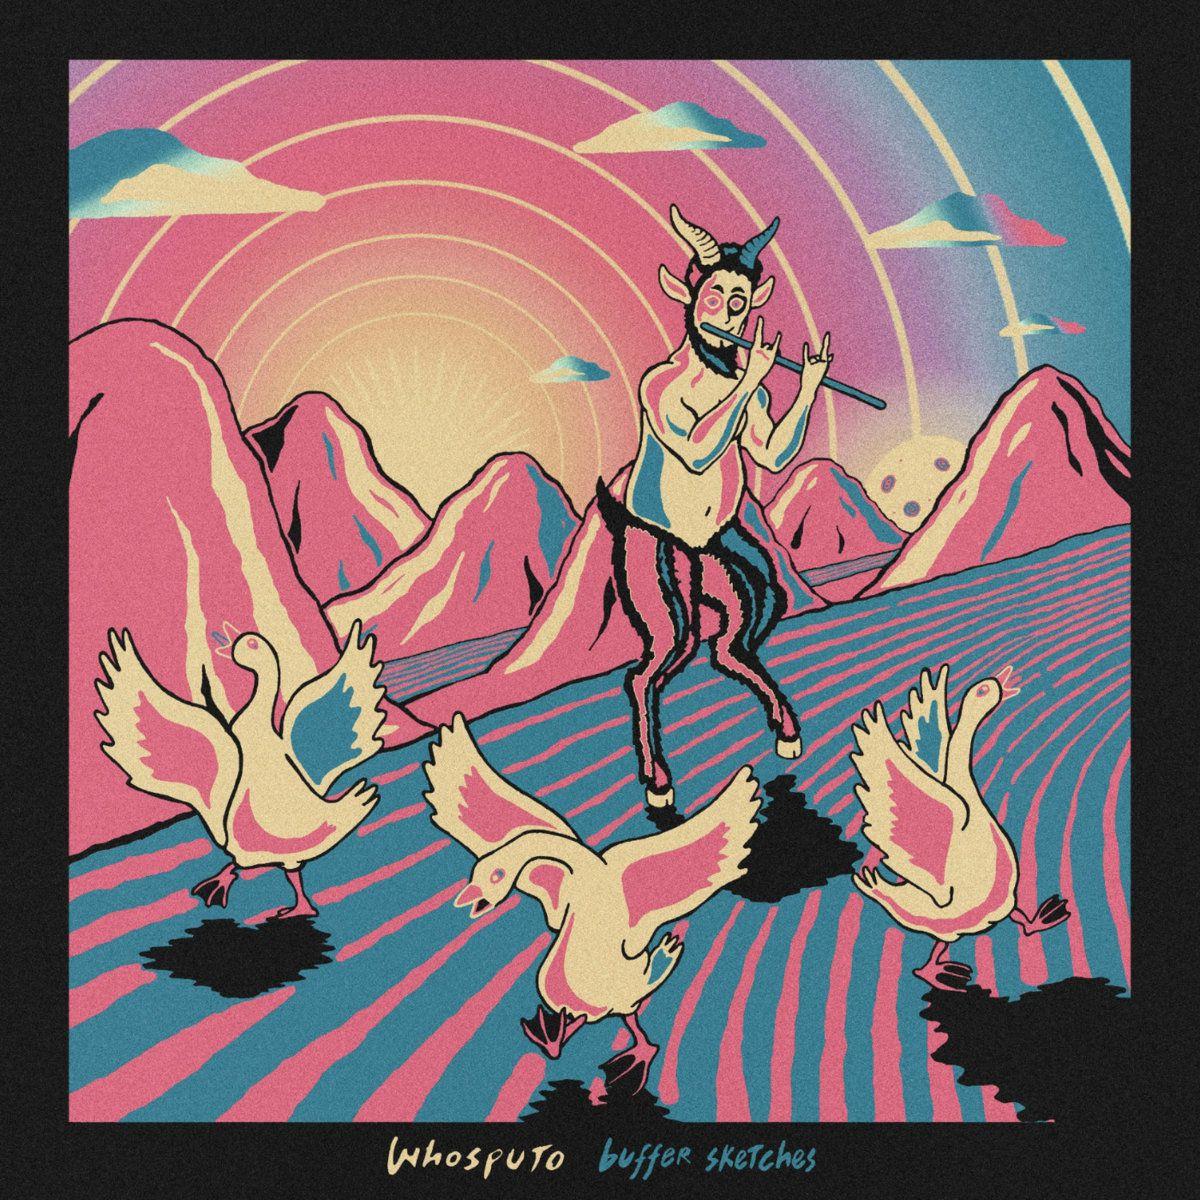 Em 2020, os Whosputo lançam-se novamente para a excelência musical com um novo EP